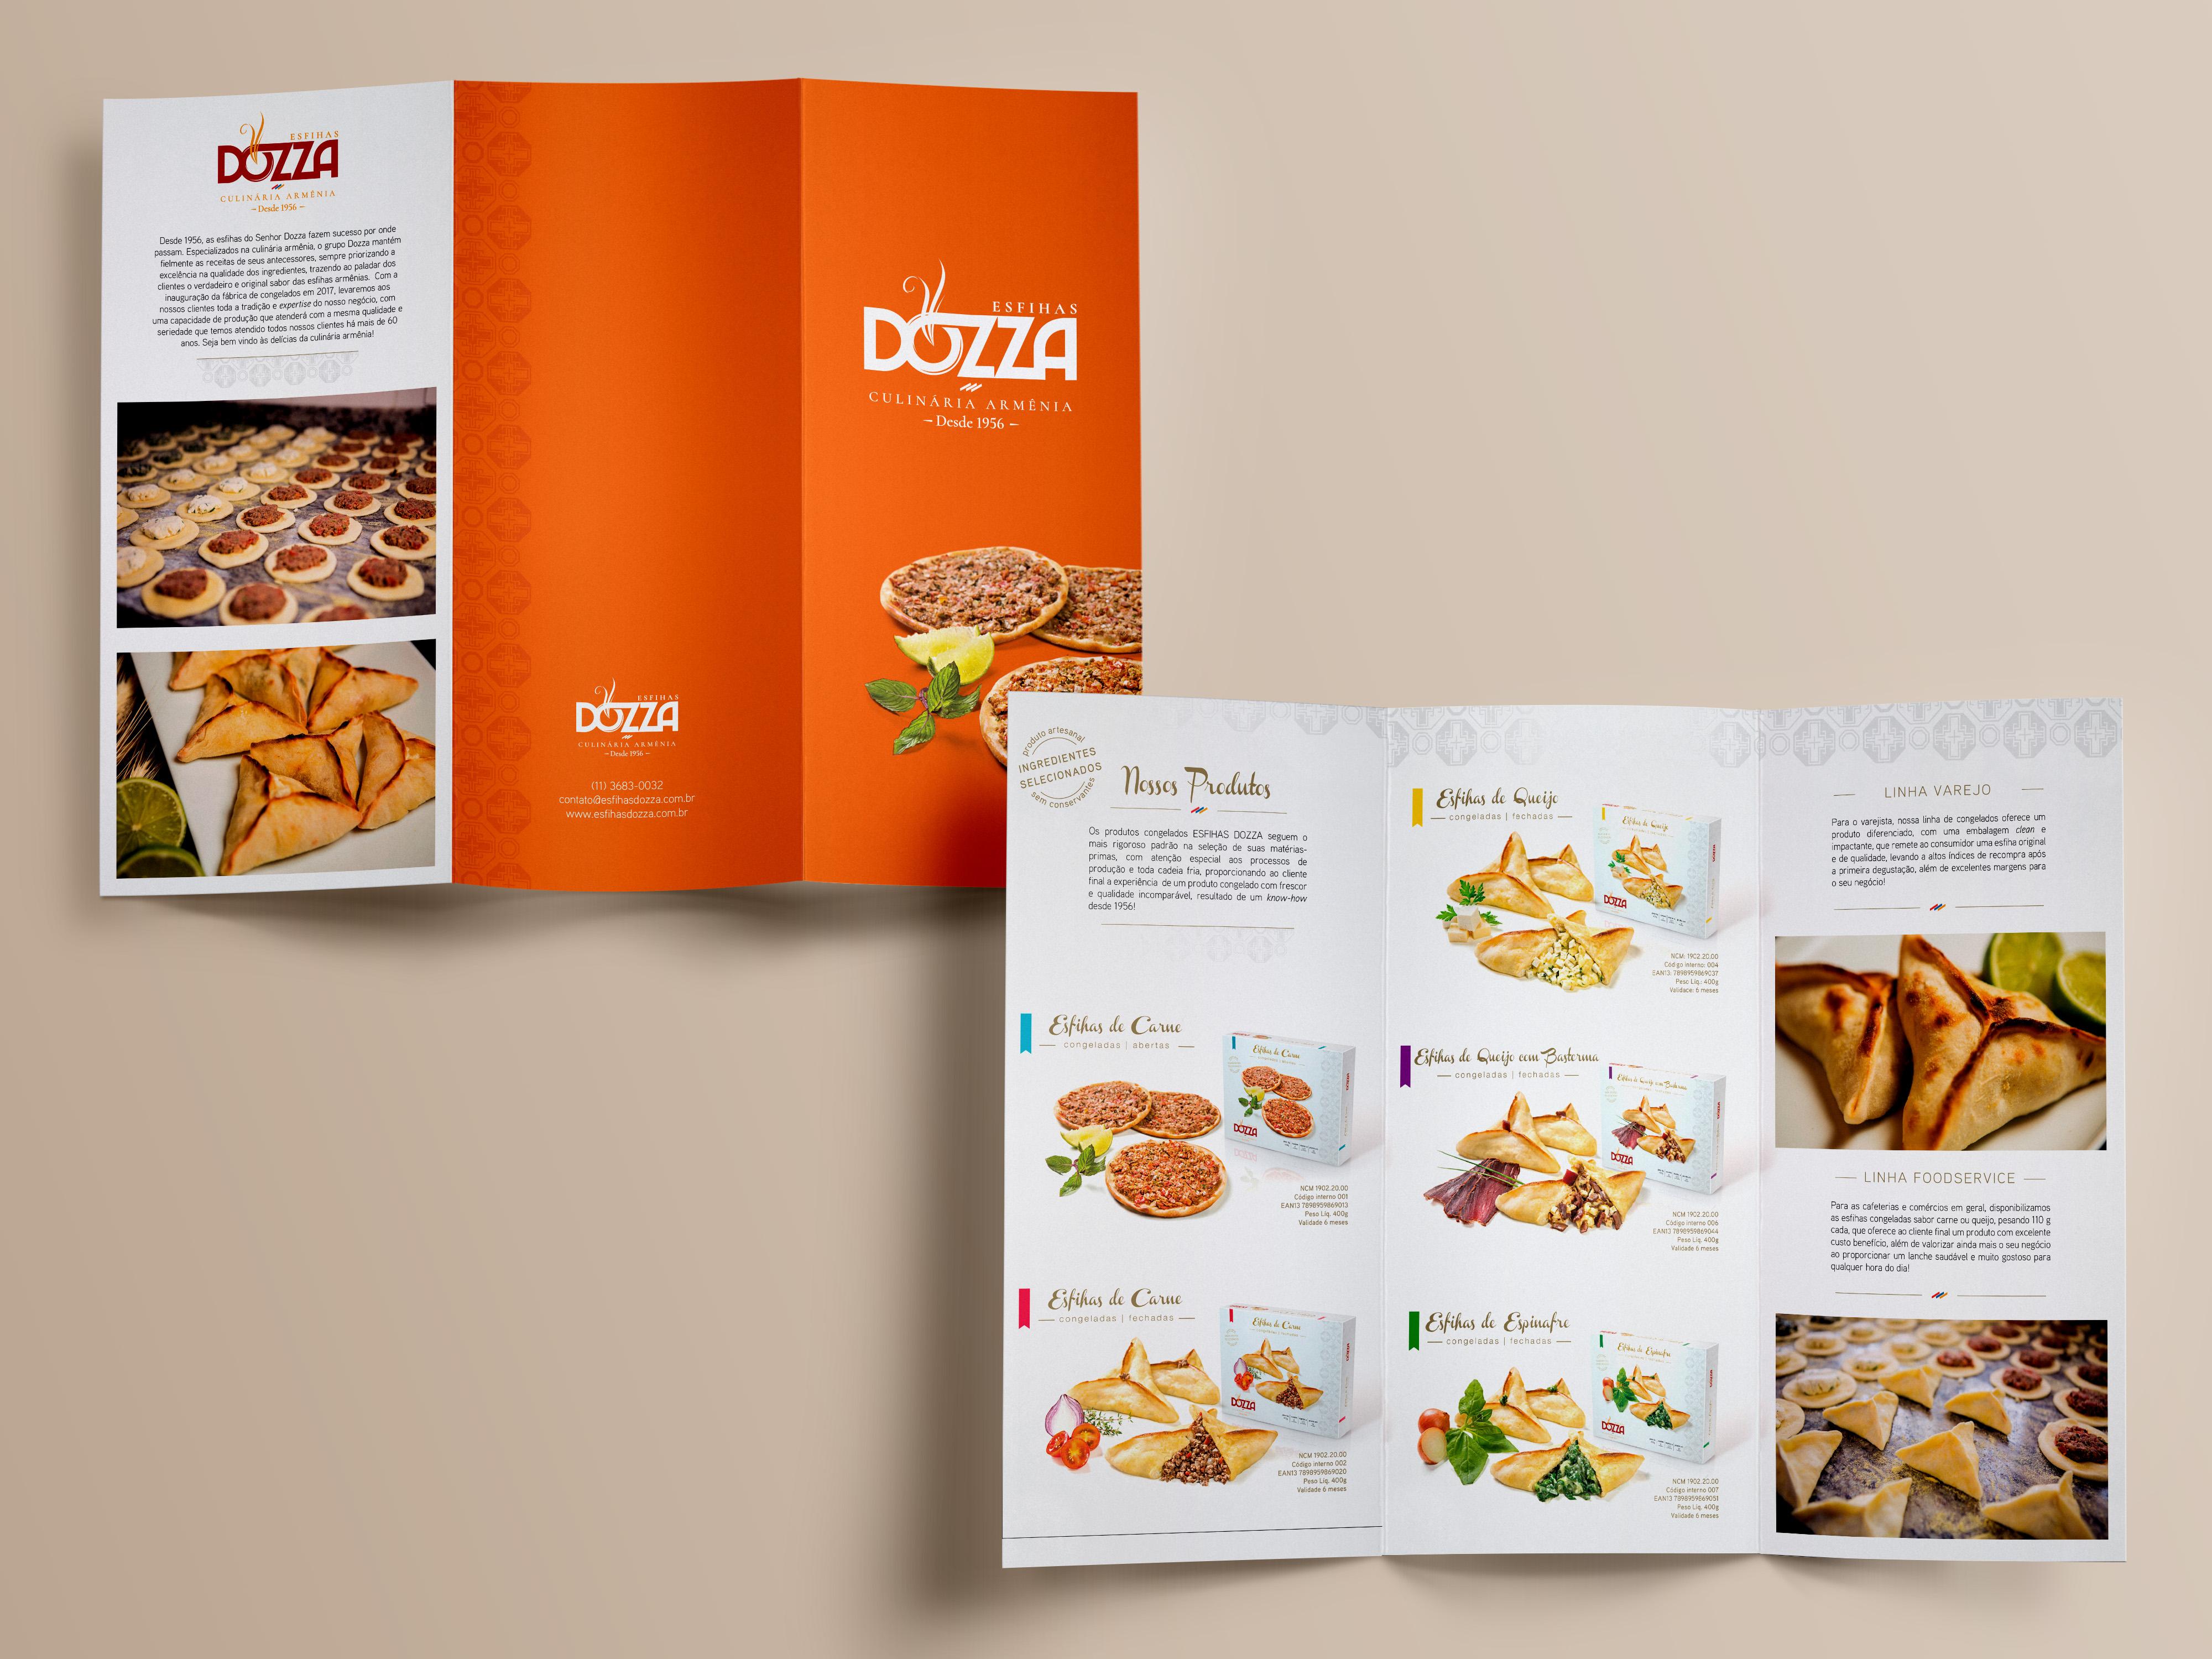 Catálogo Esfihar Dozza Culinária Armênia